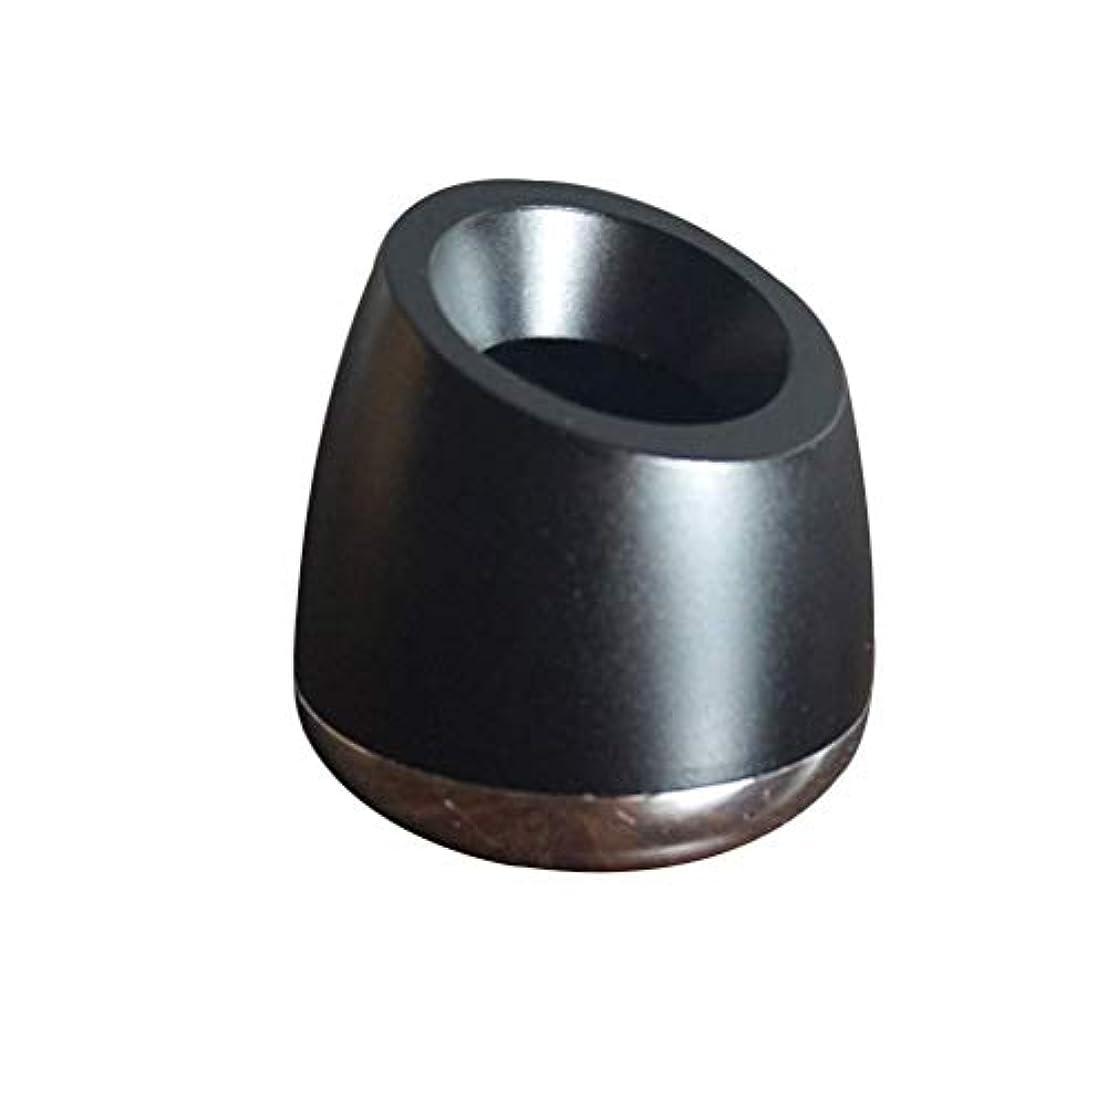 週間購入グループOUNONA シェービング剃刀スタンドアルミニウム合金シェービングトリマーホルダー斜め開き